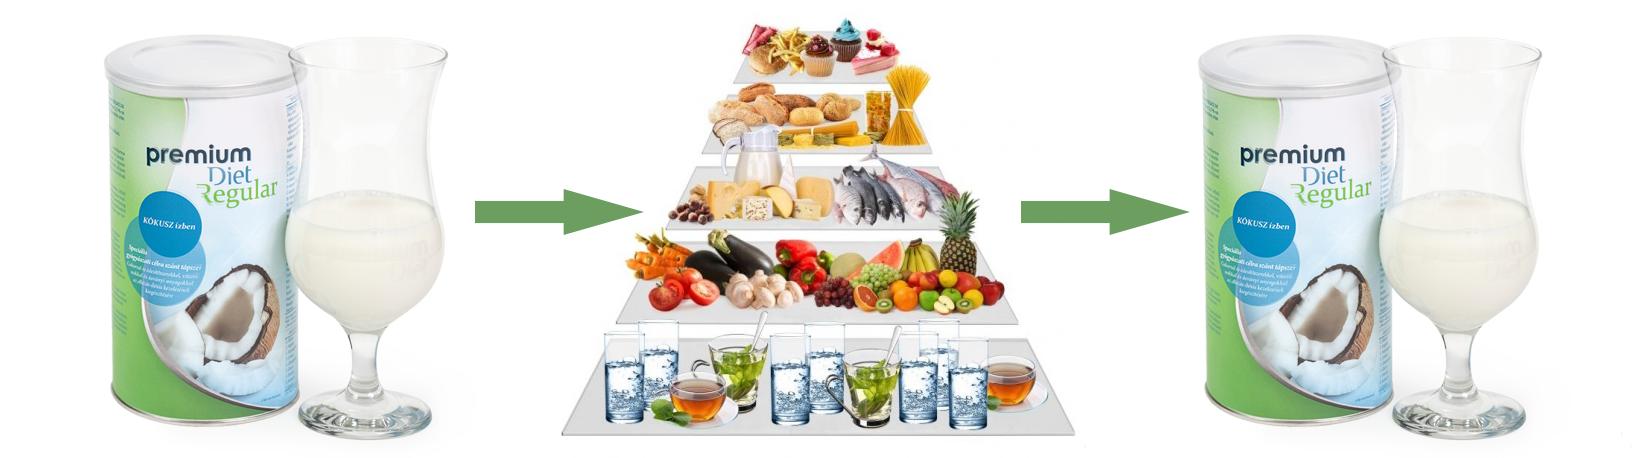 Premium Diet - Zsírégetési fázis - Premium Diet Regular - jopatikus.hu